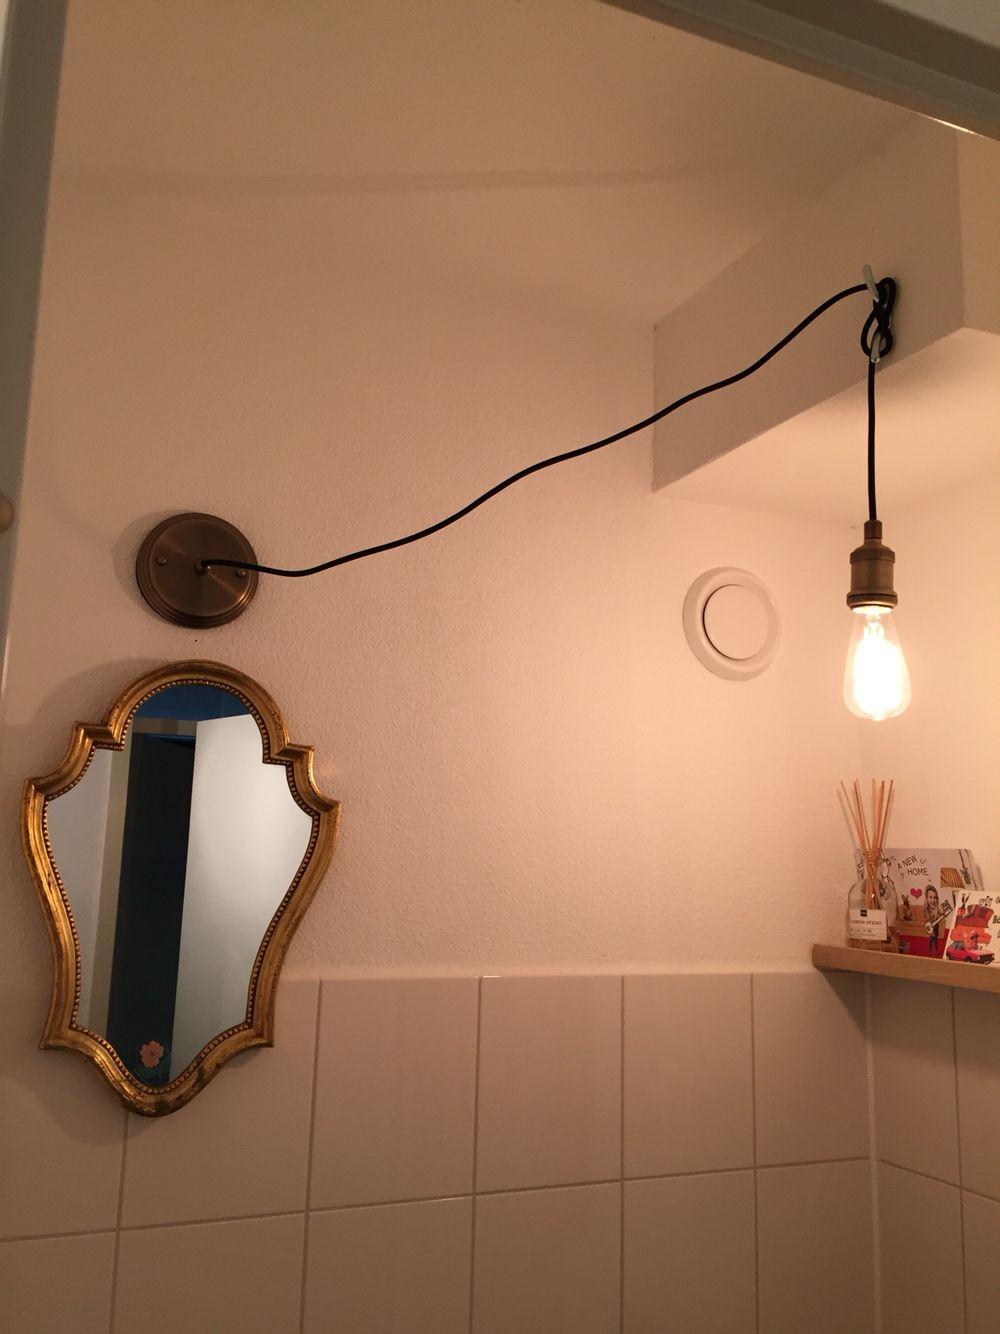 Smallest room in the house. Lightbubble Voor het huis